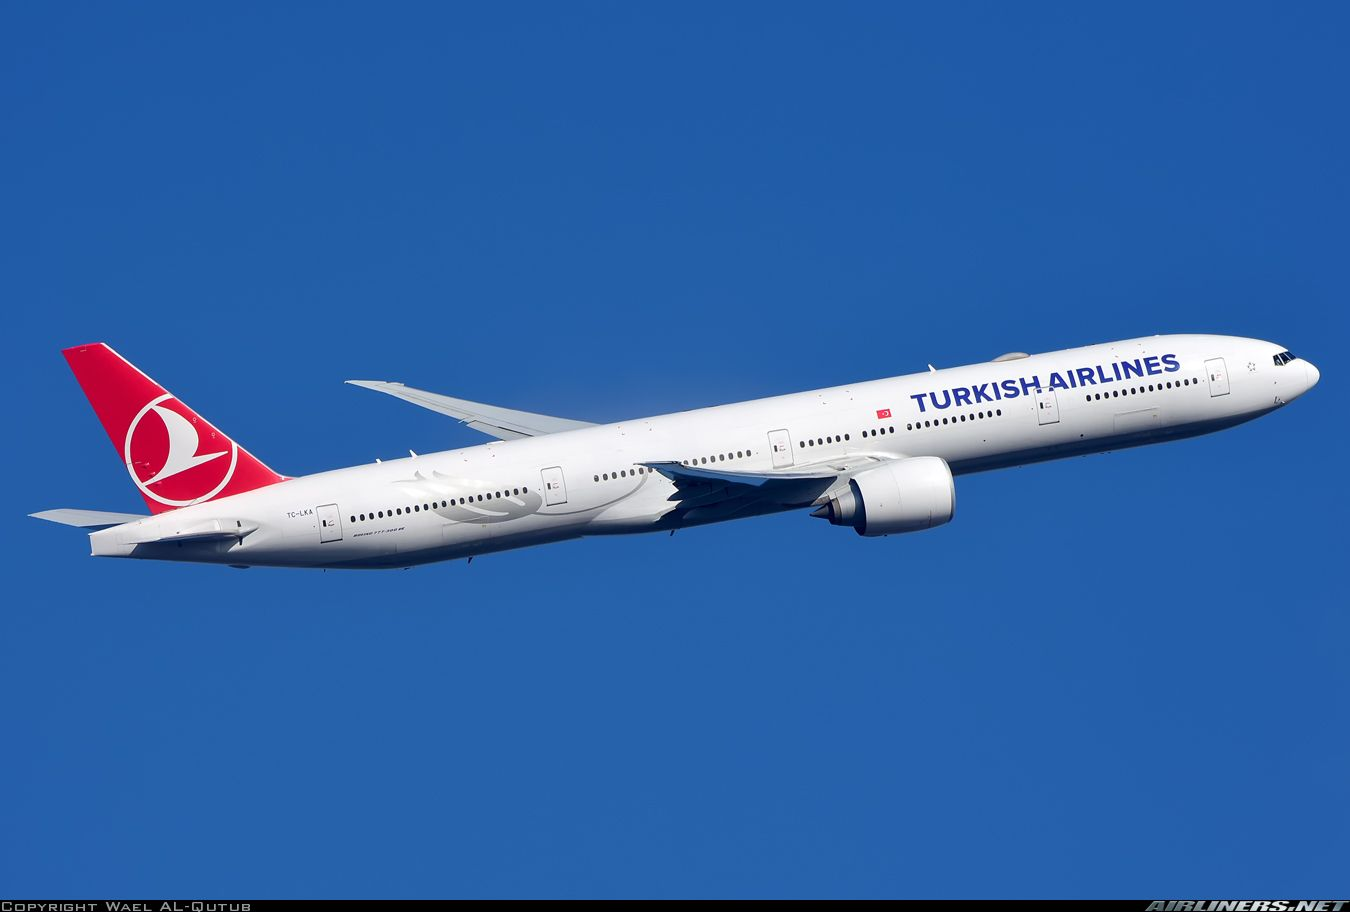 Boeing 77736N/ER Turkish Airlines Aviation Photo